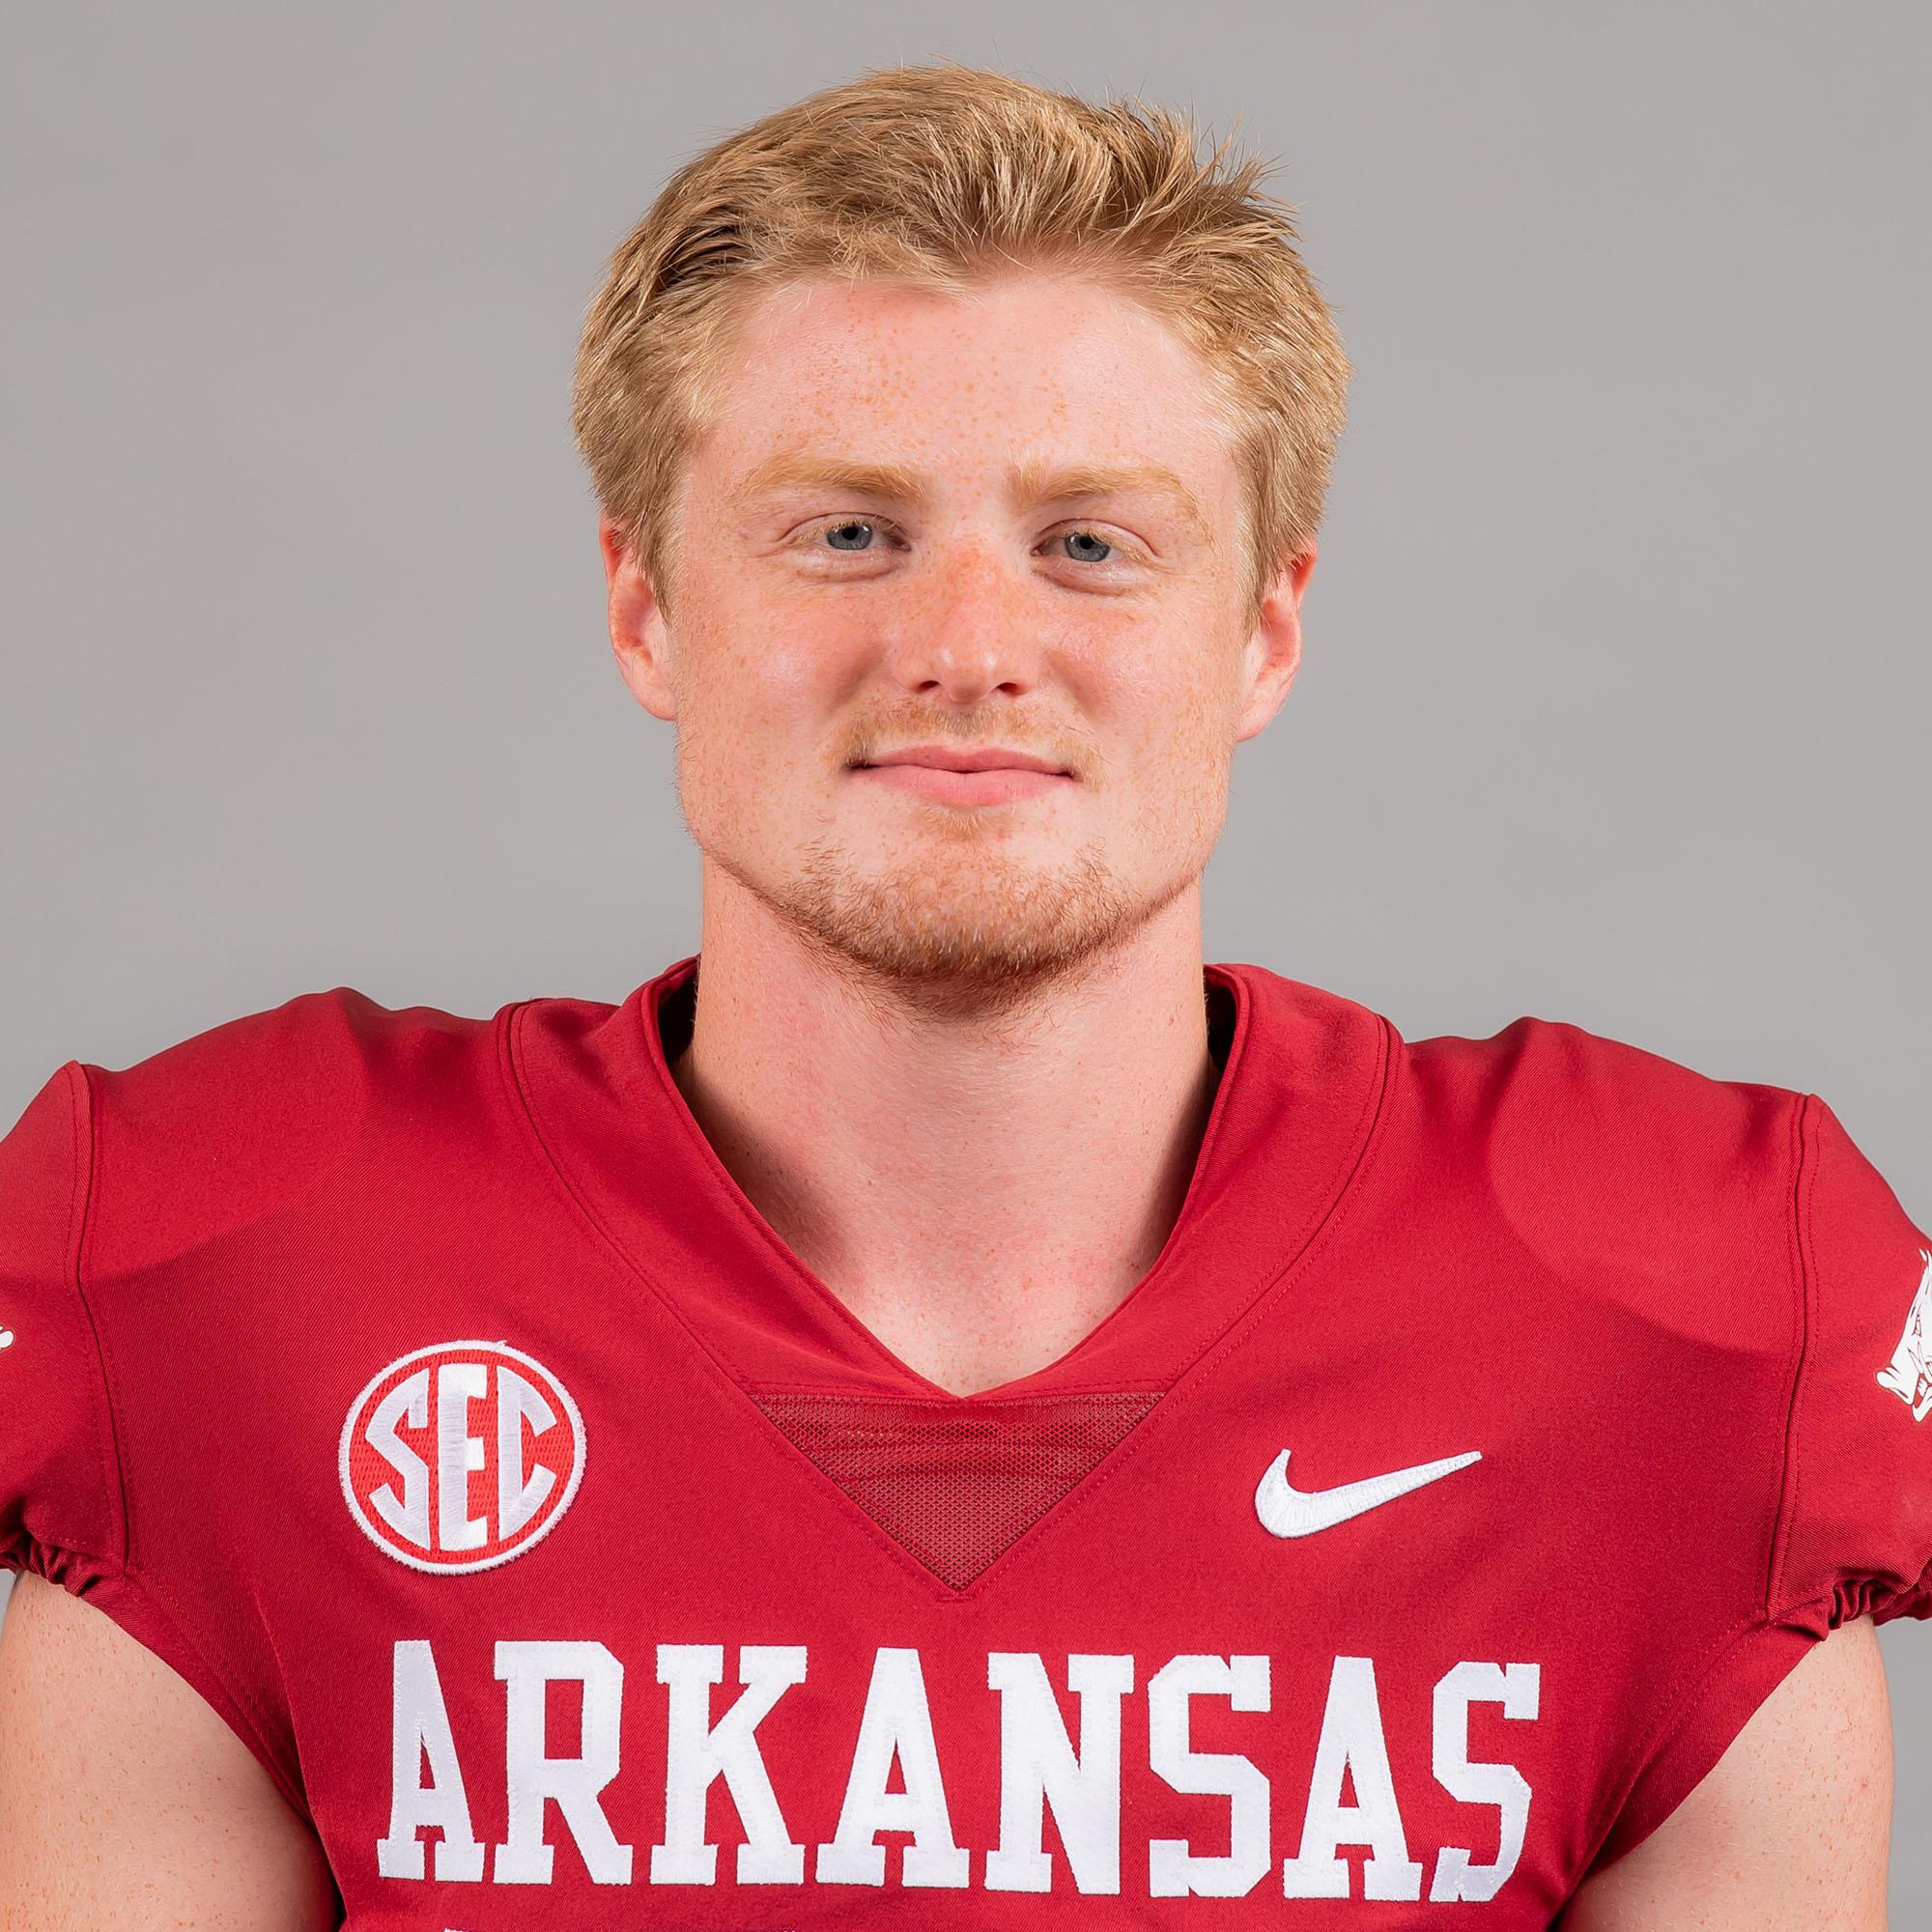 Reid Turner - Football - Arkansas Razorbacks